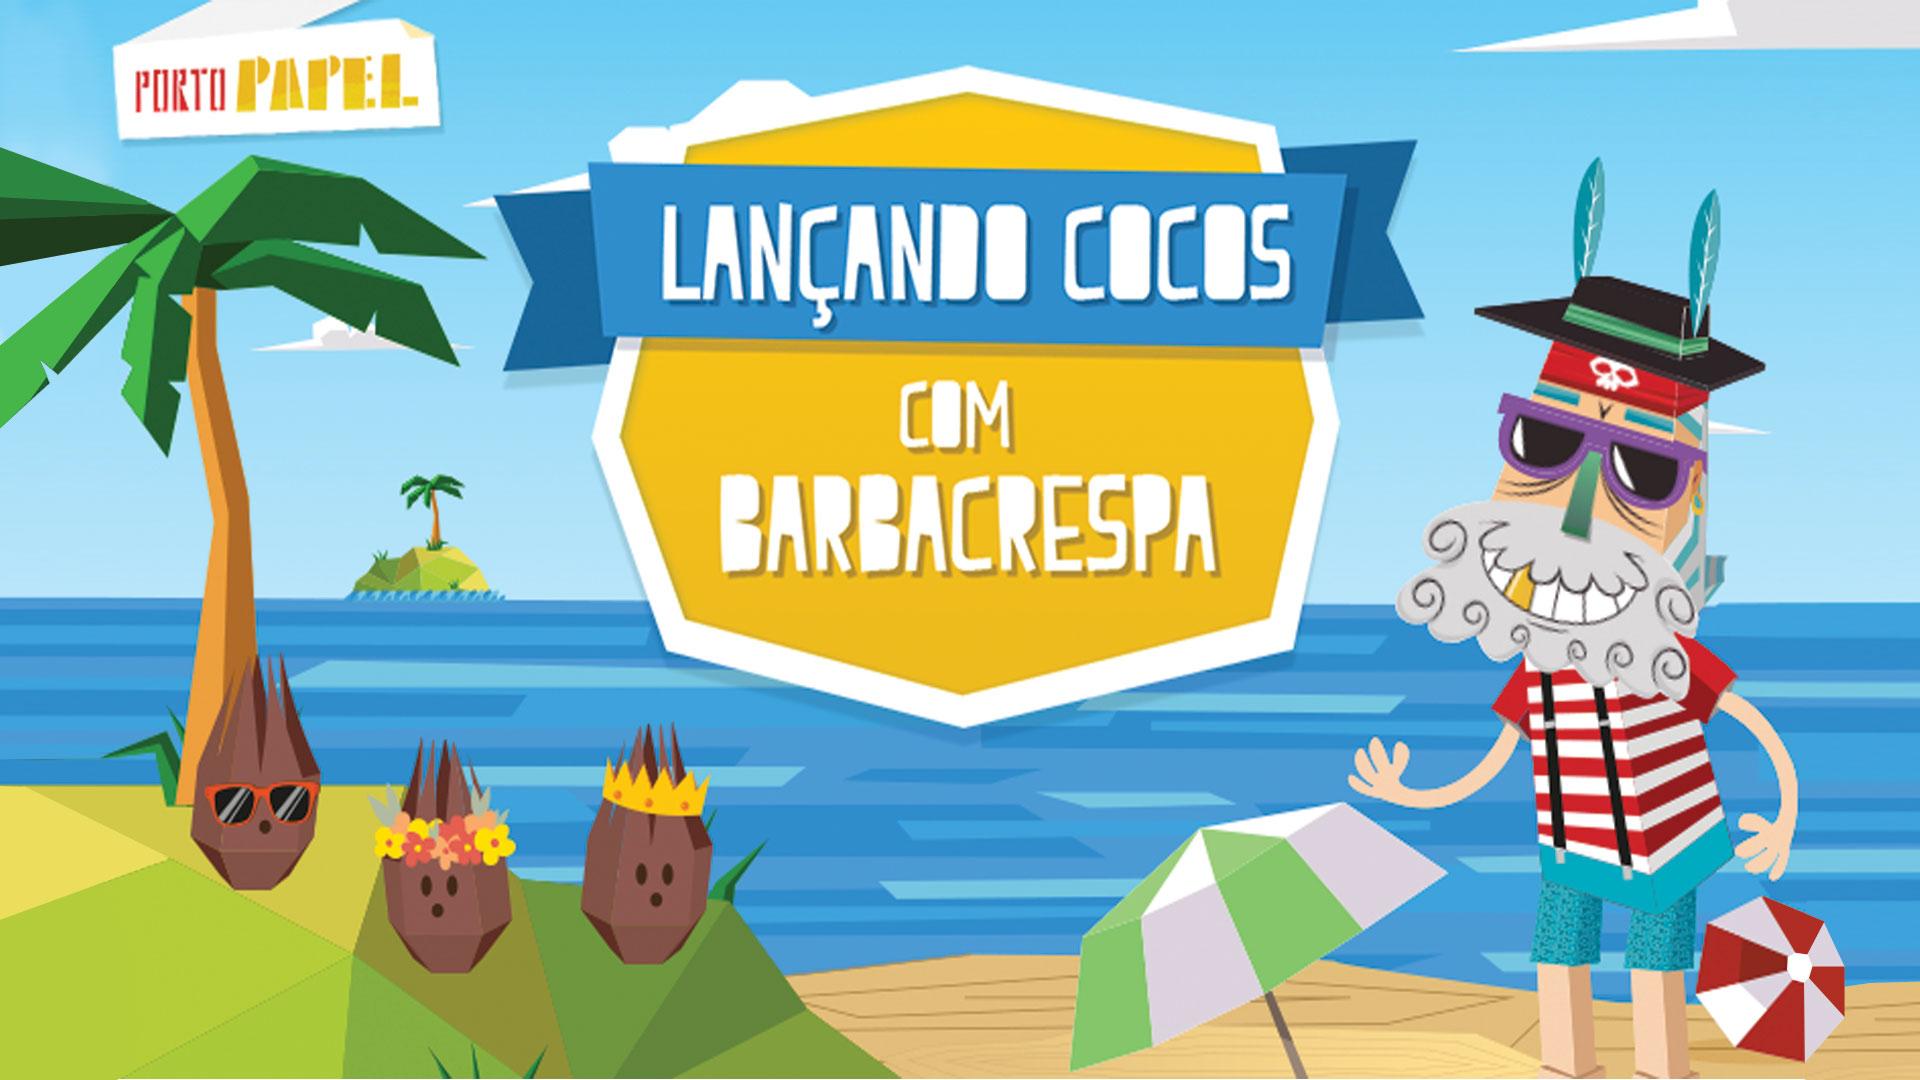 Lançando Cocos com Barbacrespa